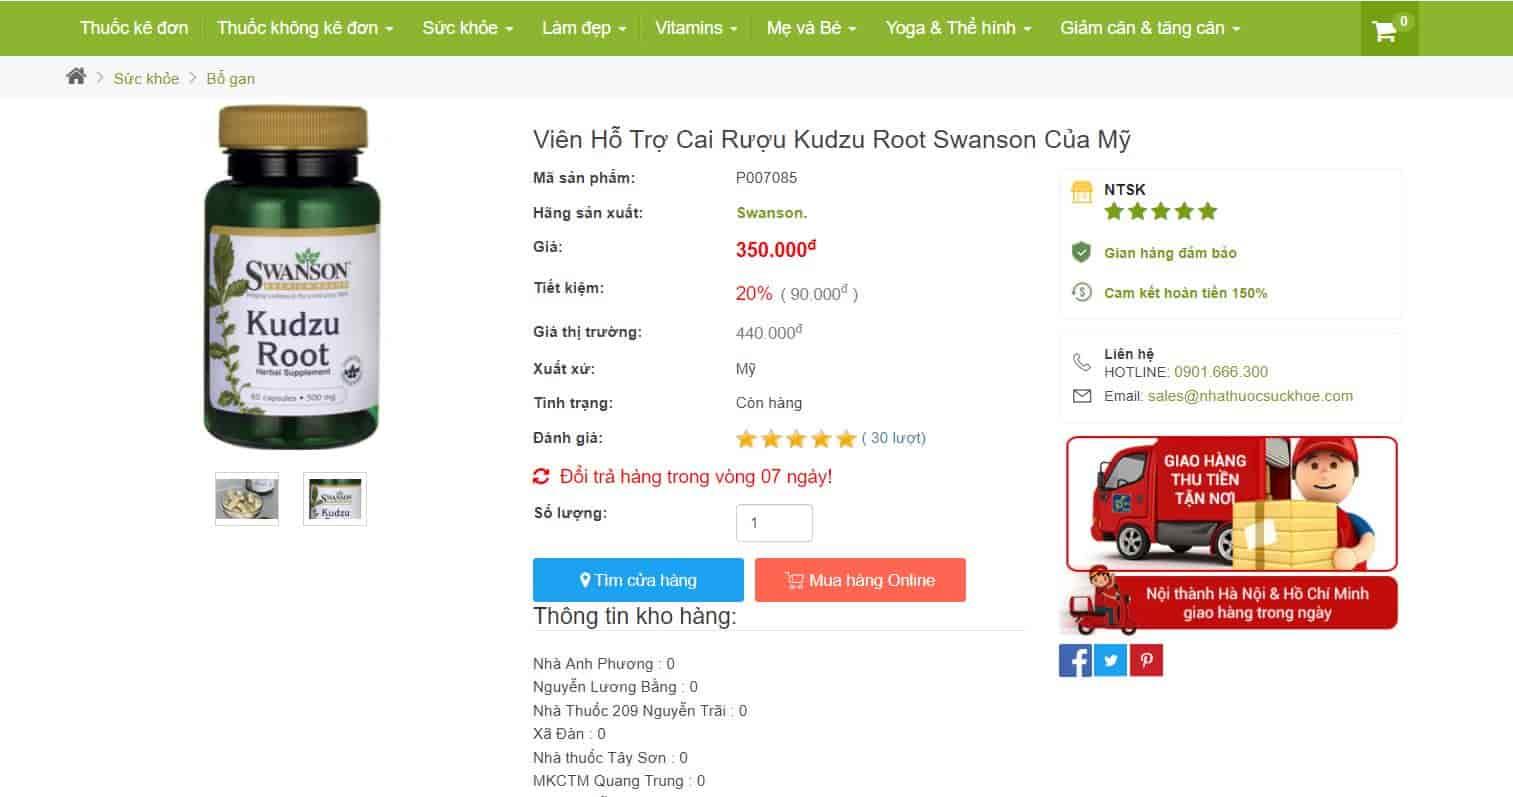 Viên Uống Cai Rượu Kudzu Root Swanson Có Hiệu Quả Không? Hướng Dẫn Sử Dụng Đúng?